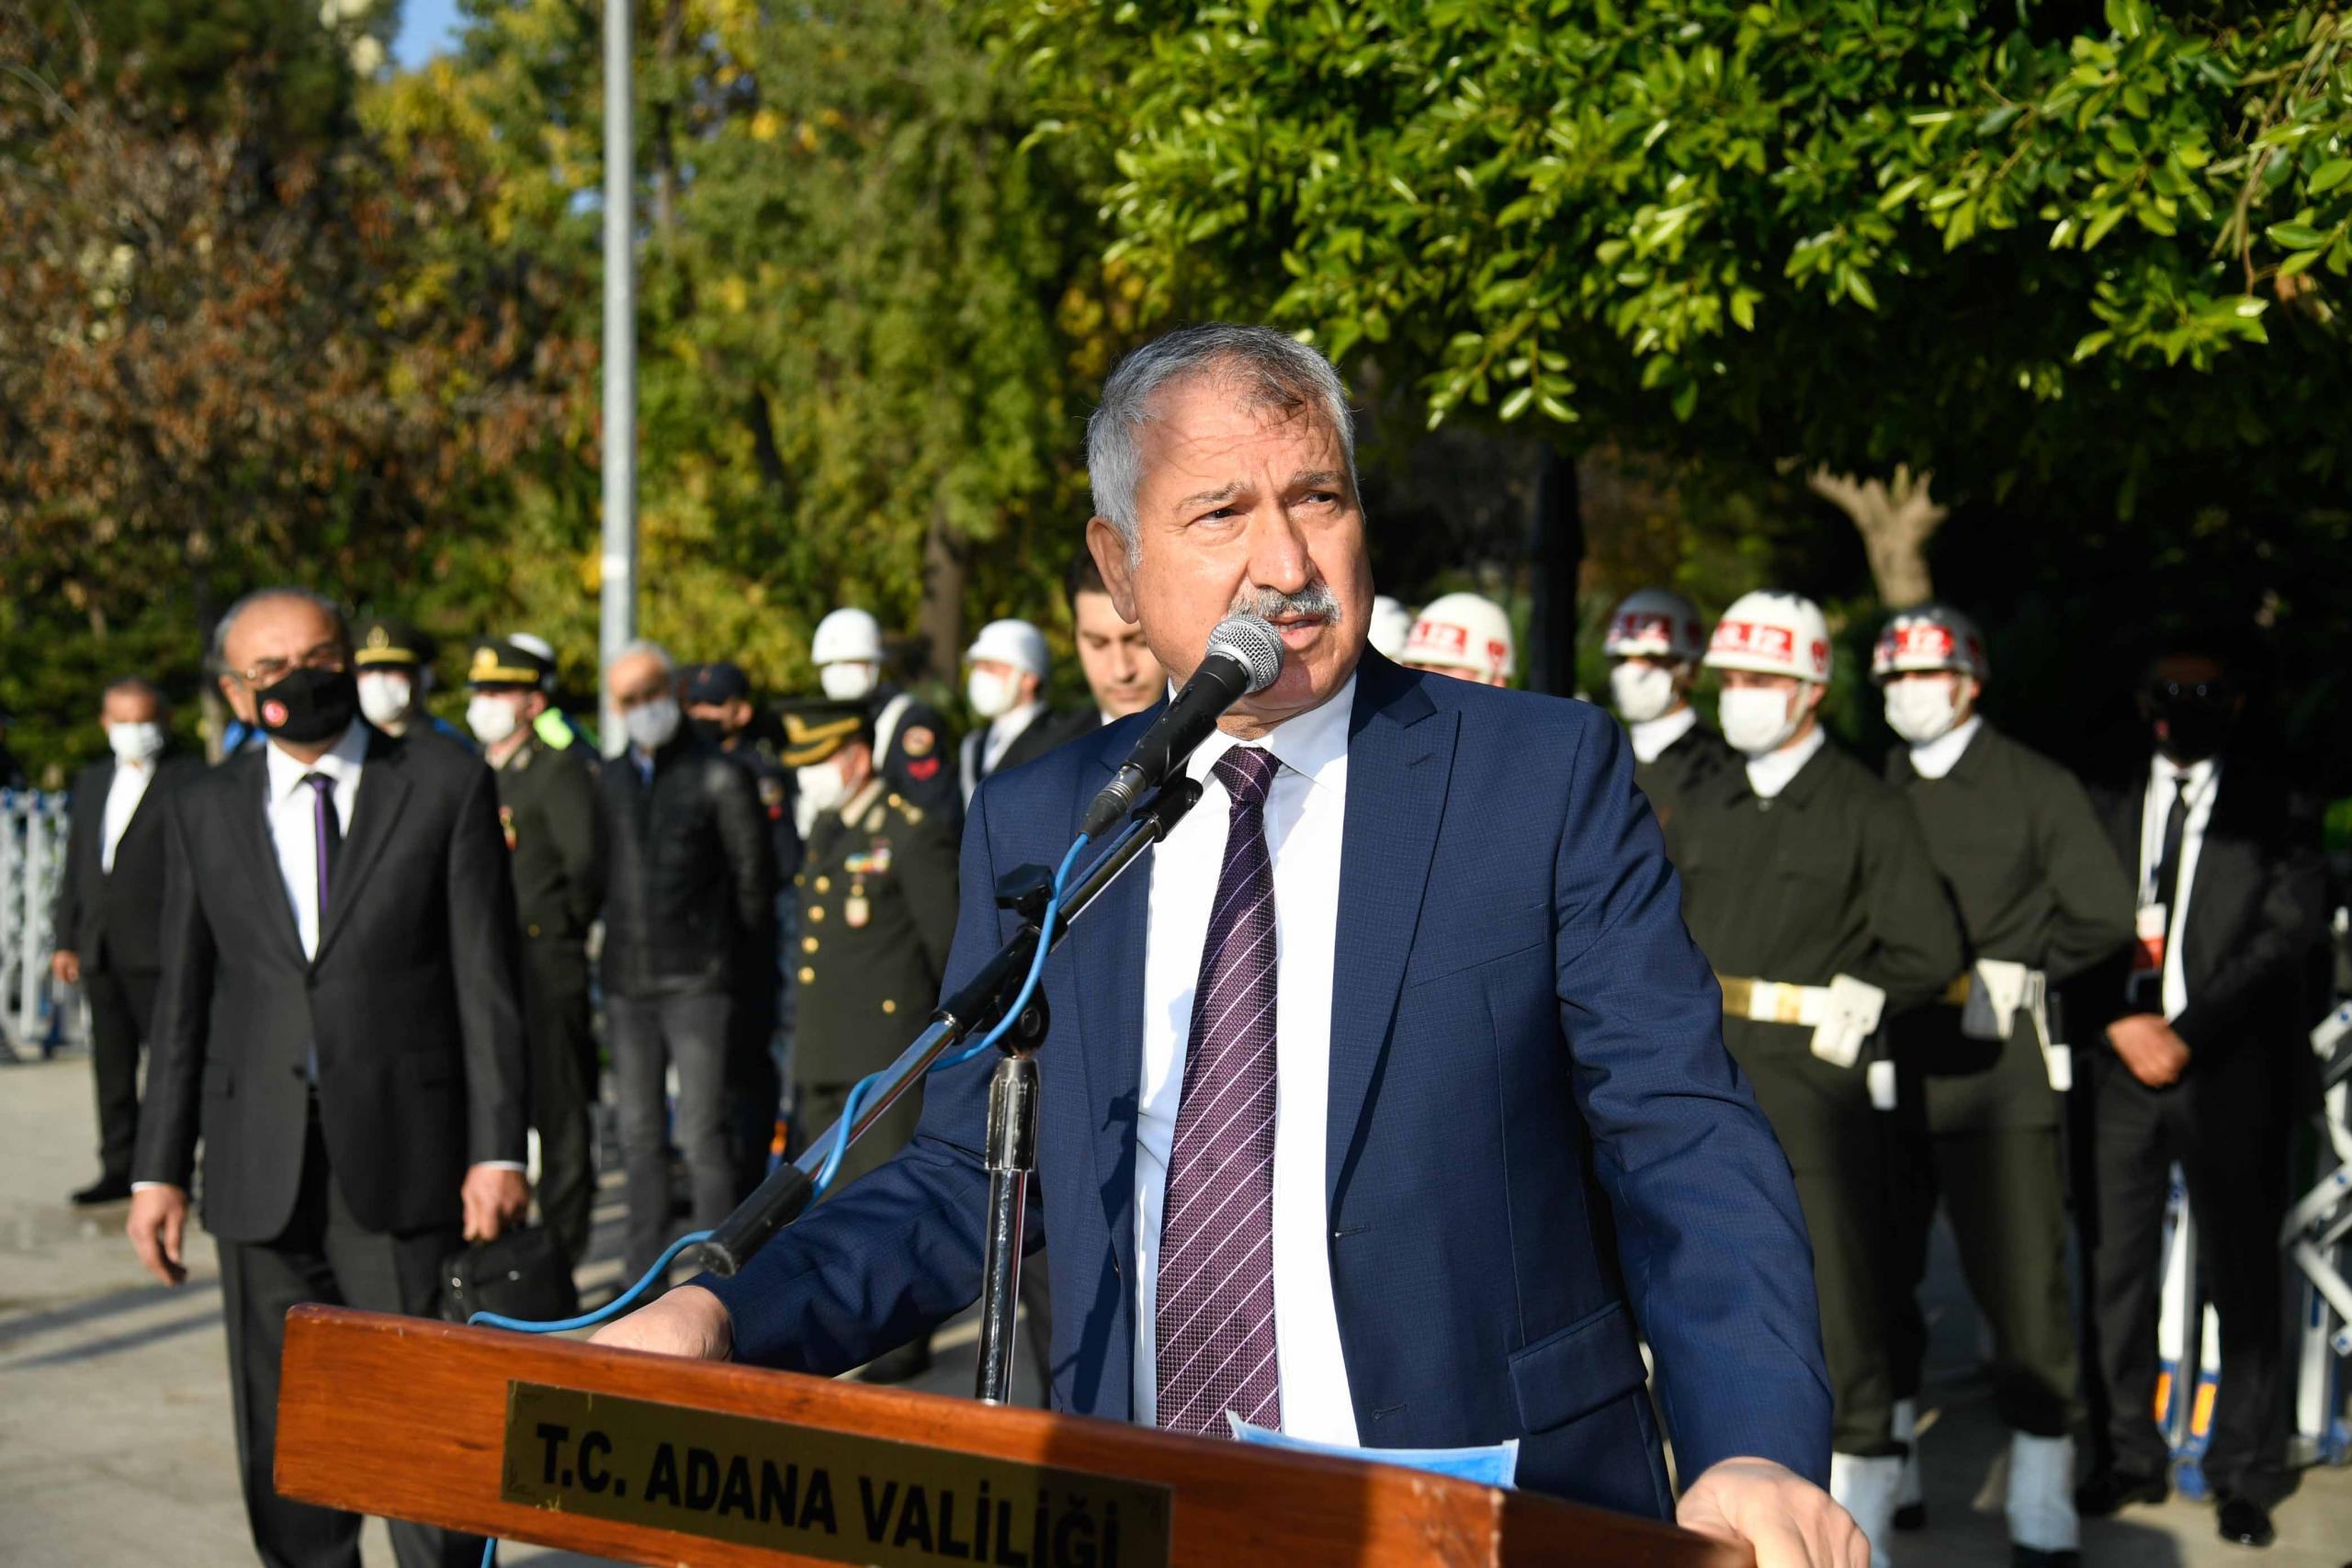 """Zeydan Kardalar, """"Nice acılar yaşandı, nice cefalar çekildi, şehitler verildi. Öyle kurtarıldı Adana."""""""